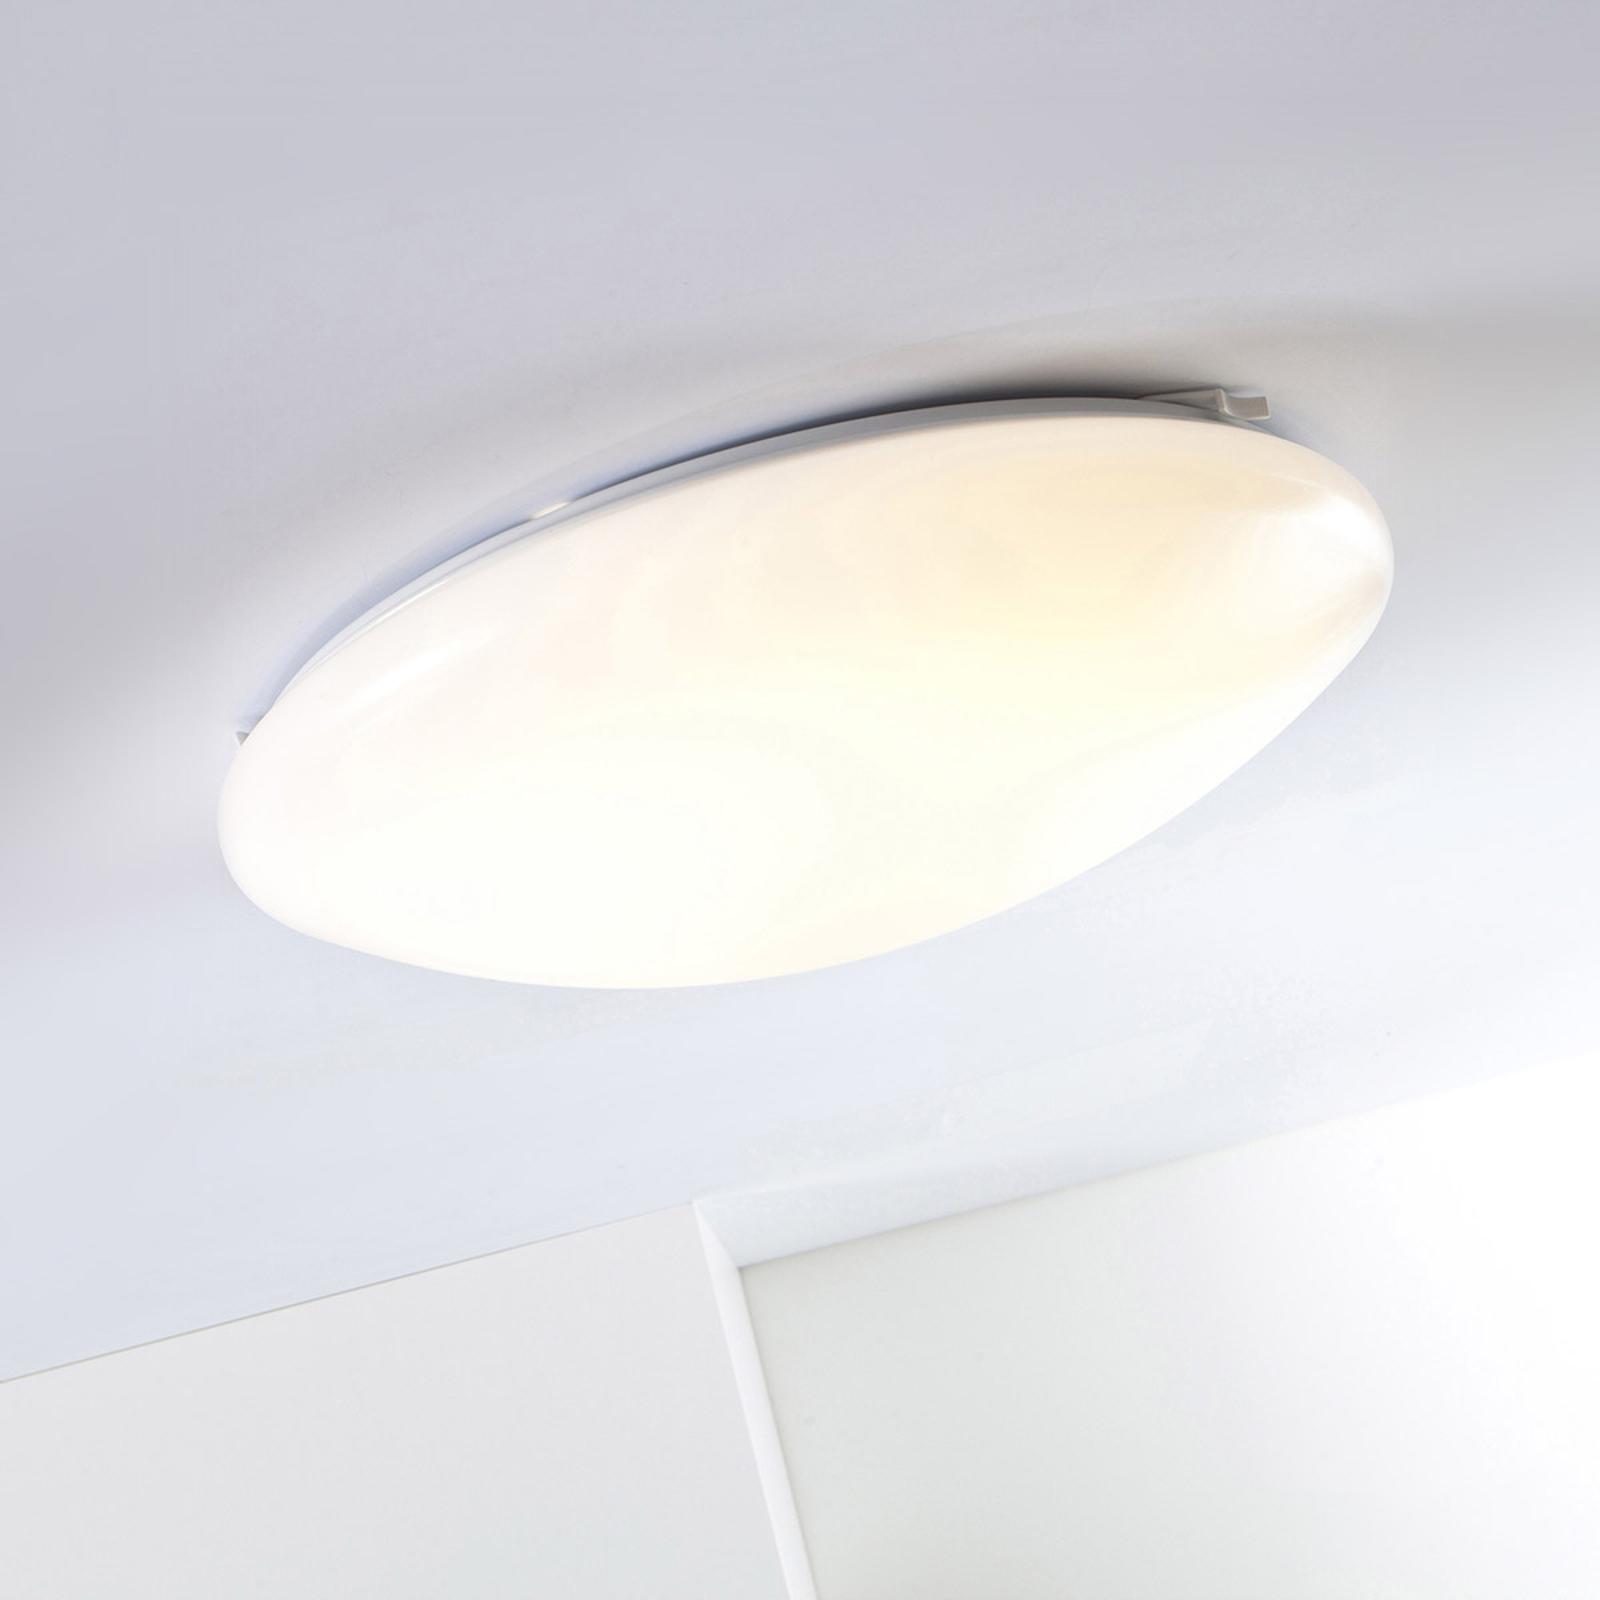 AEG LED Basic - runde LED-Deckenlampe, 22 W